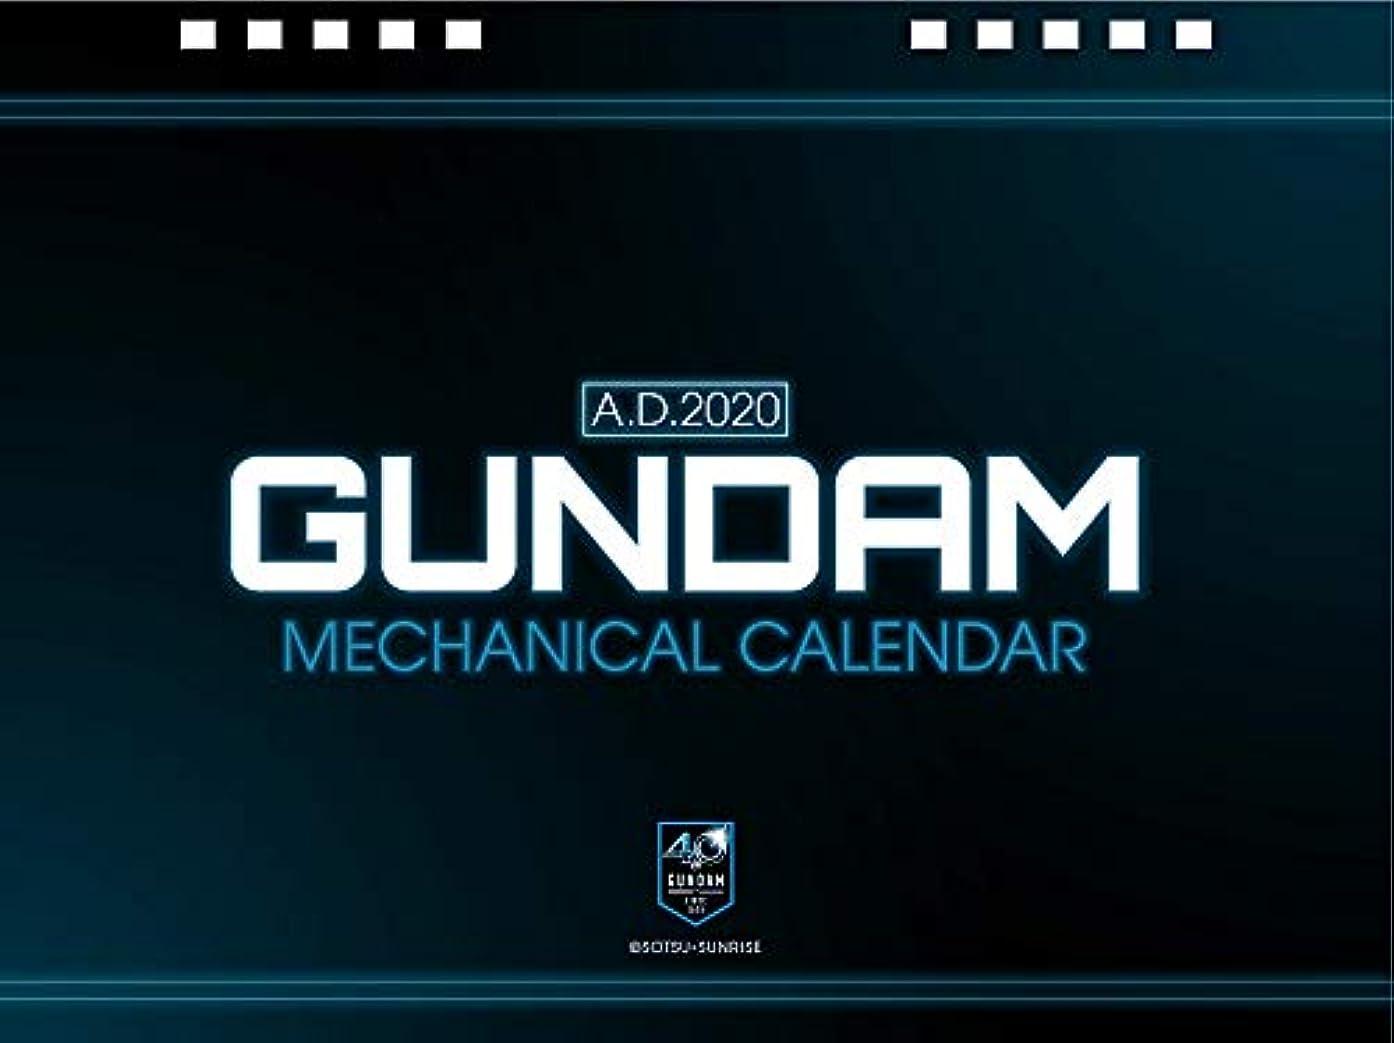 キャプチャーうめき代わりに機動戦士ガンダム 卓上カレンダー2020